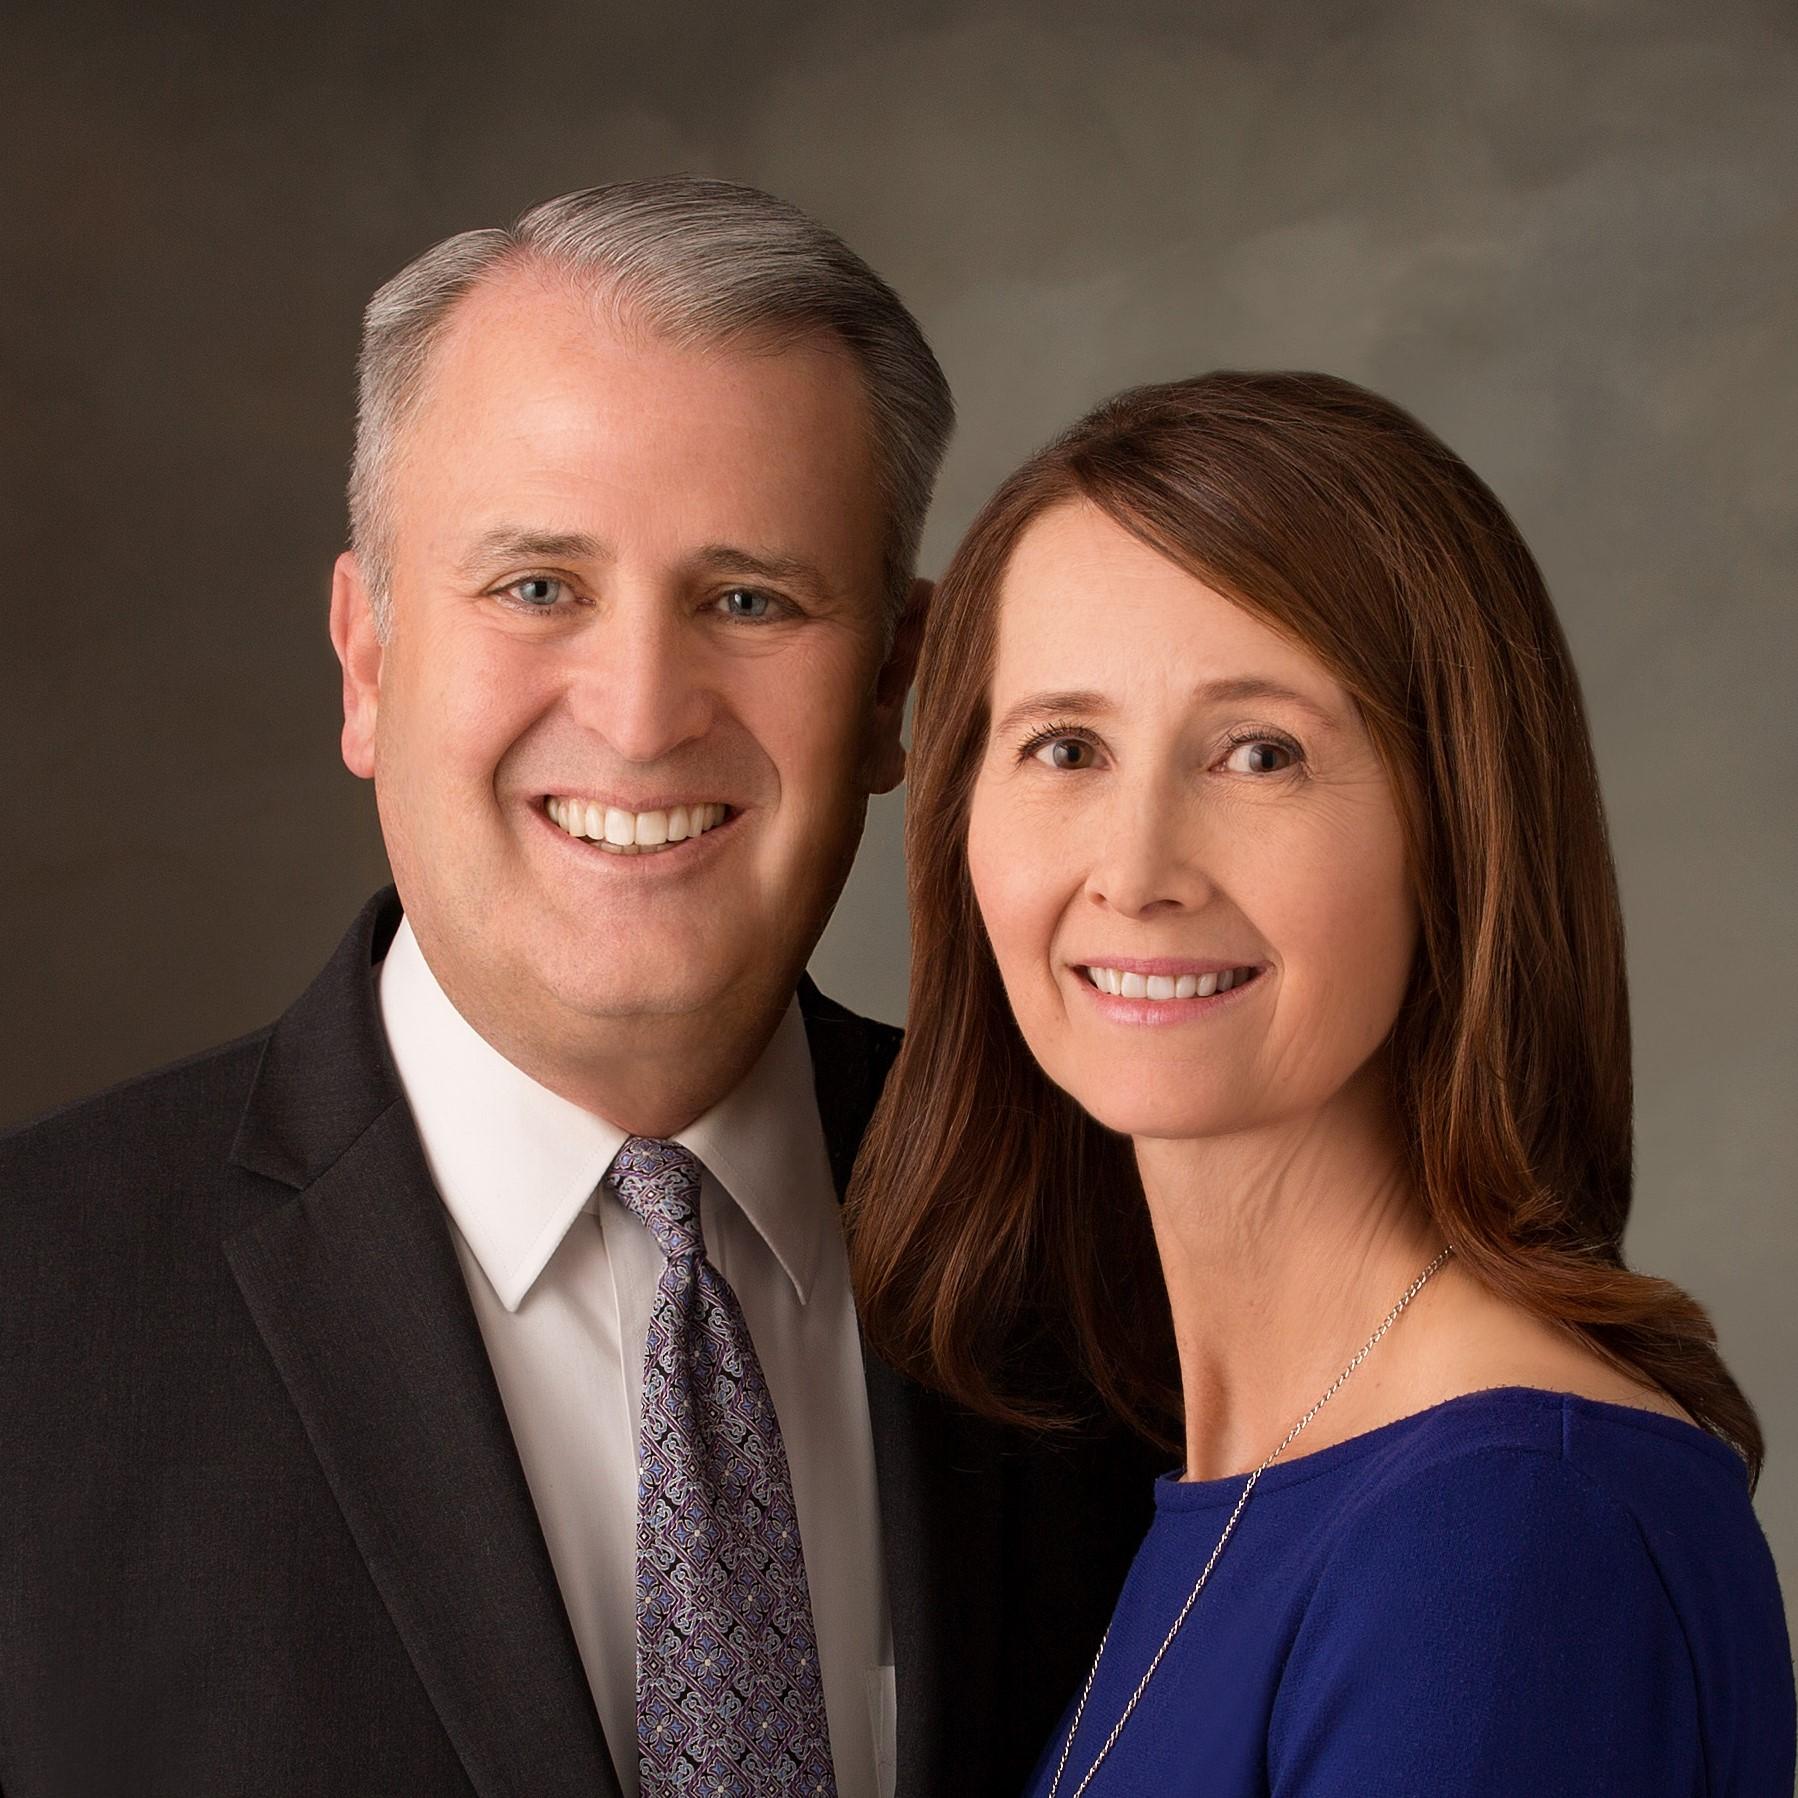 Mark B. and Sherrie K. Goaslind